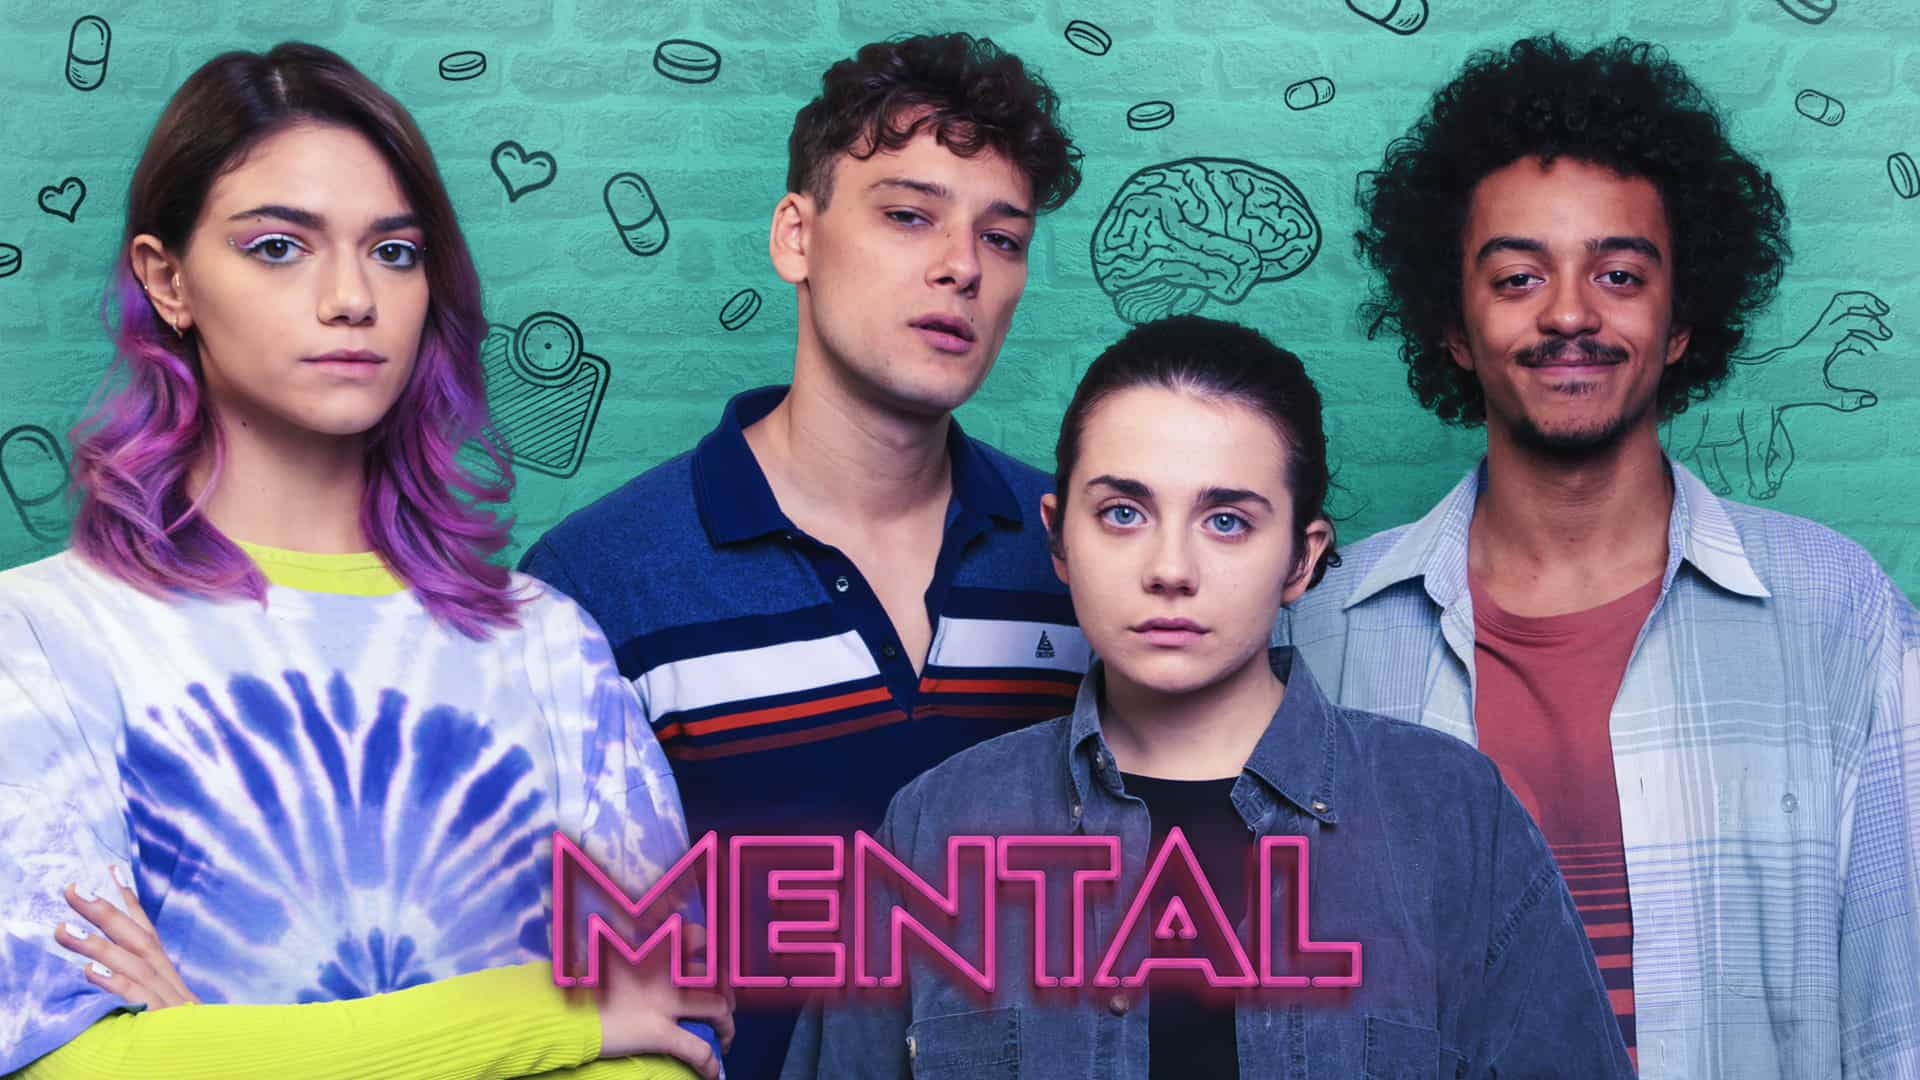 Mental arriva su RaiPlay: tutto quello che c'è da sapere sulla serie